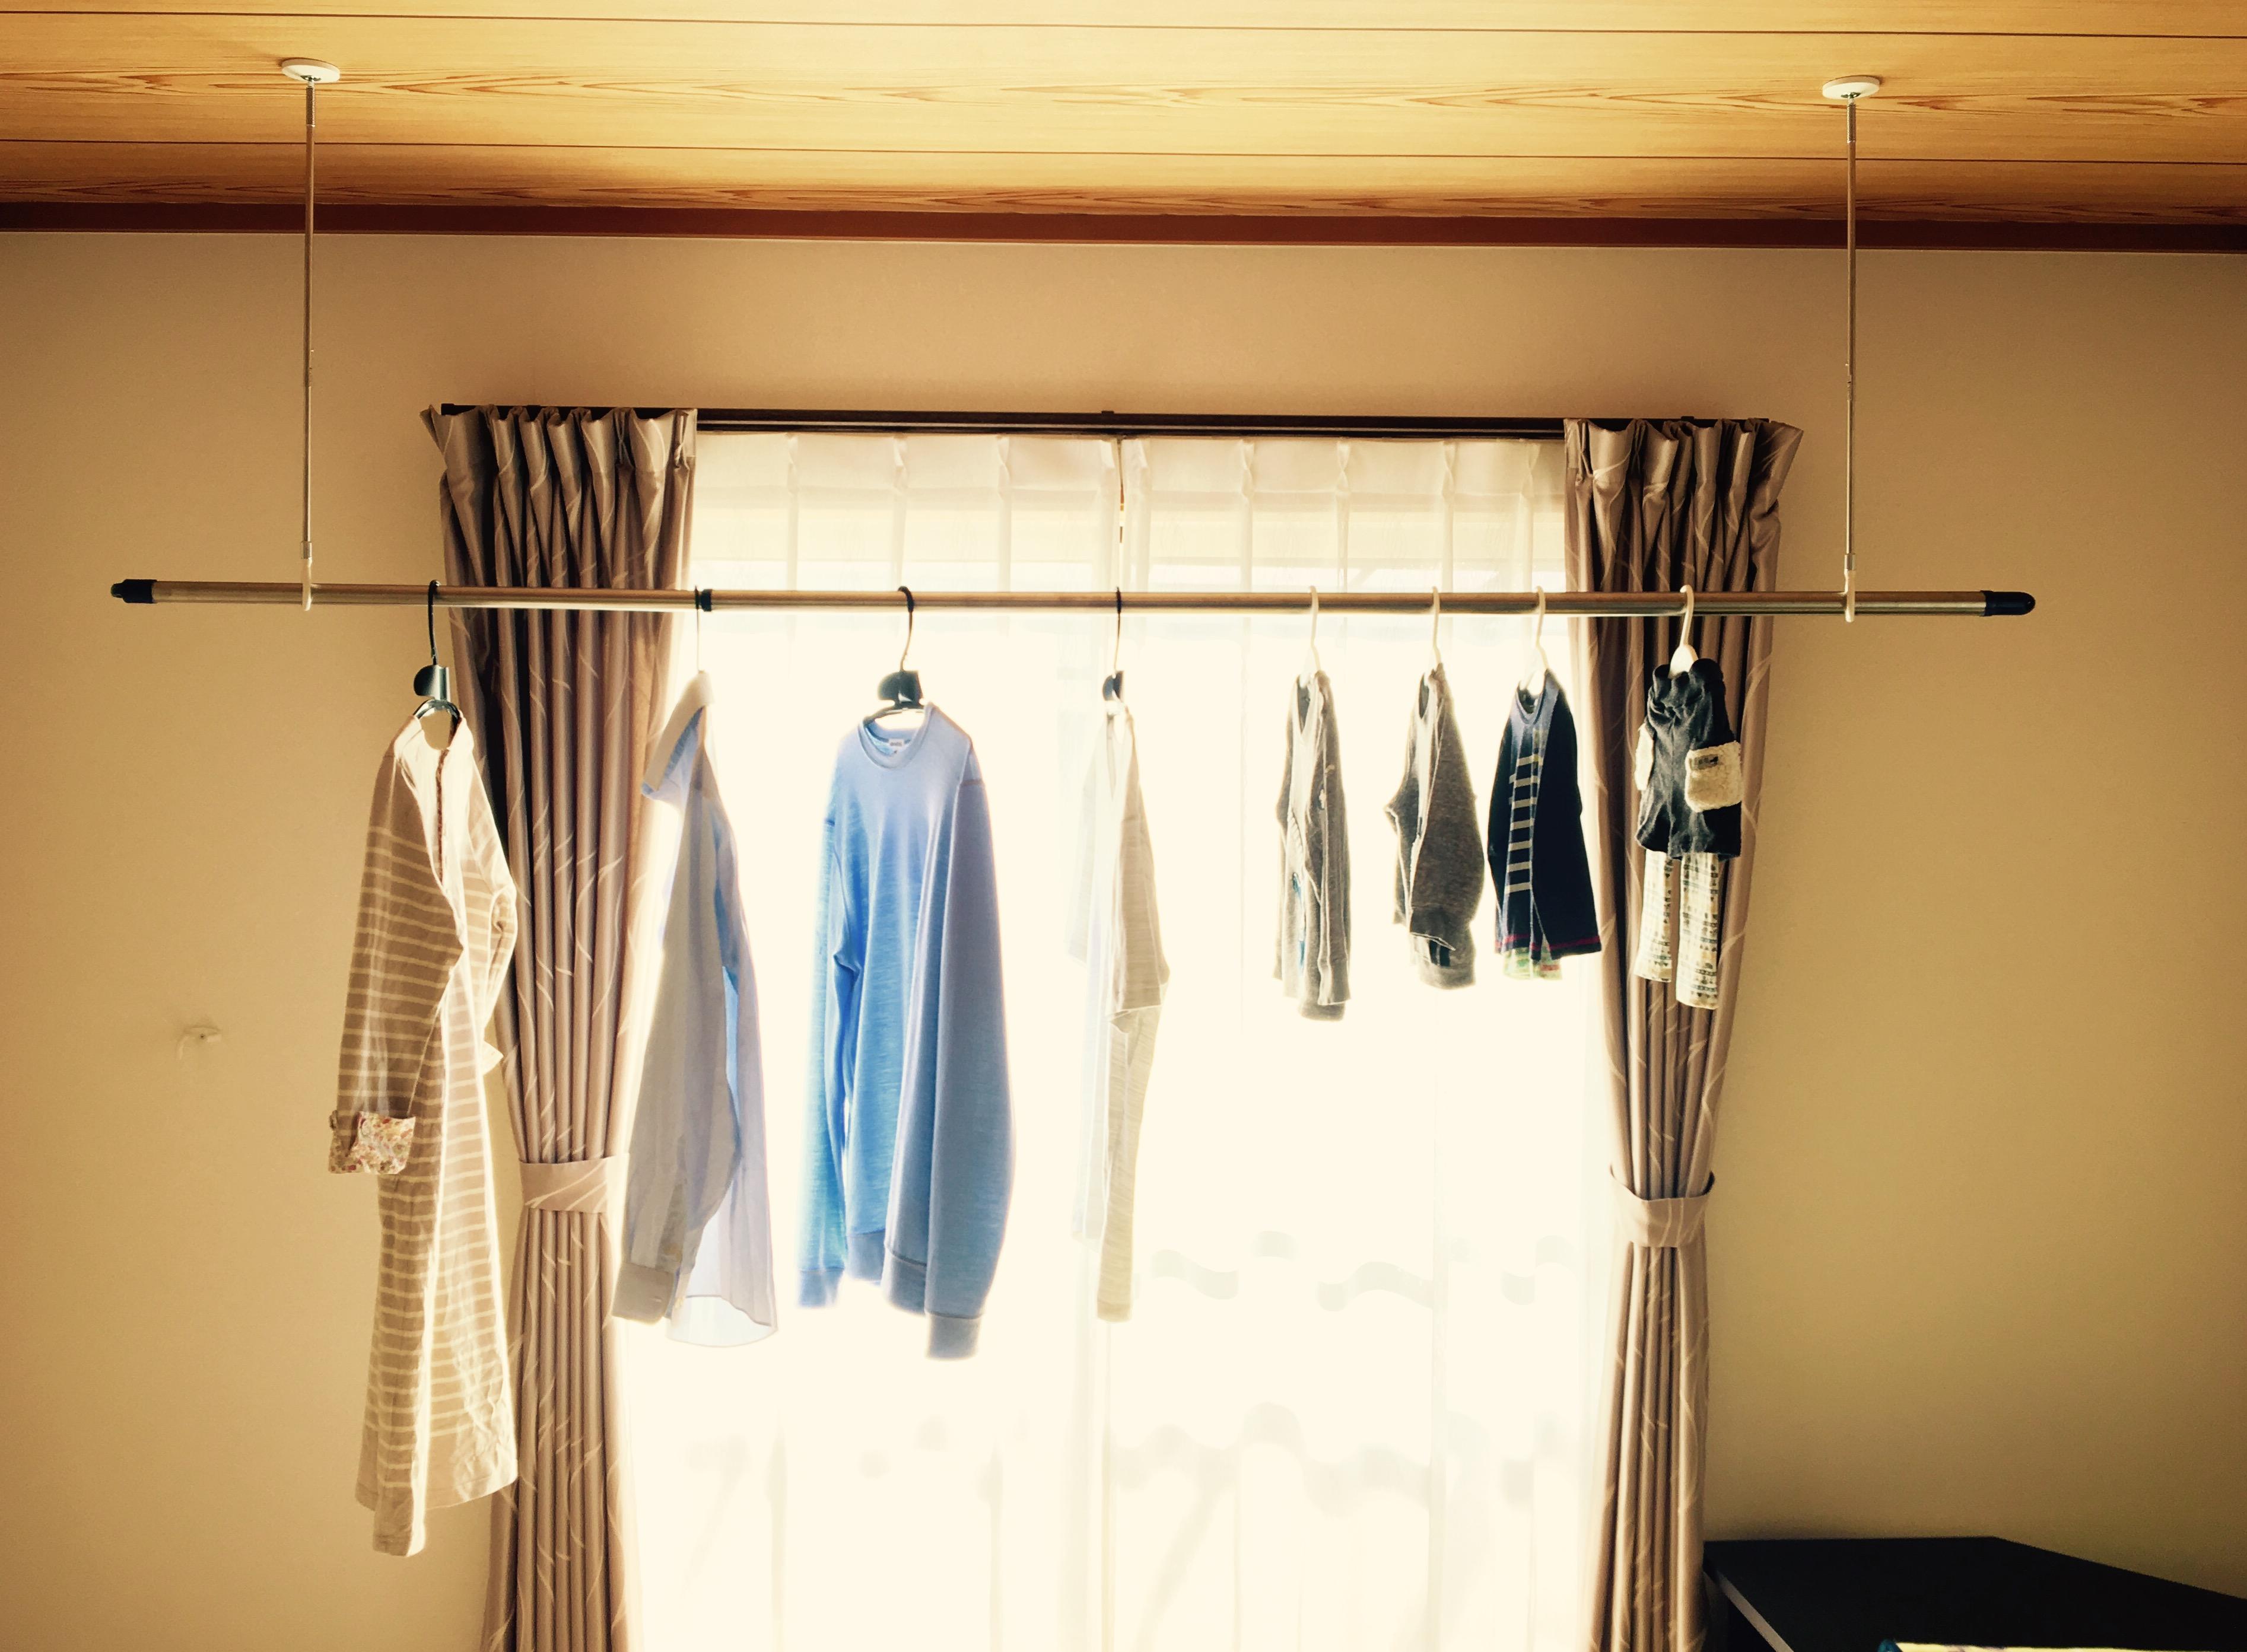 室内物干し用ホスクリーンをDIYで取り付ける方法 - 注文住宅ラボ